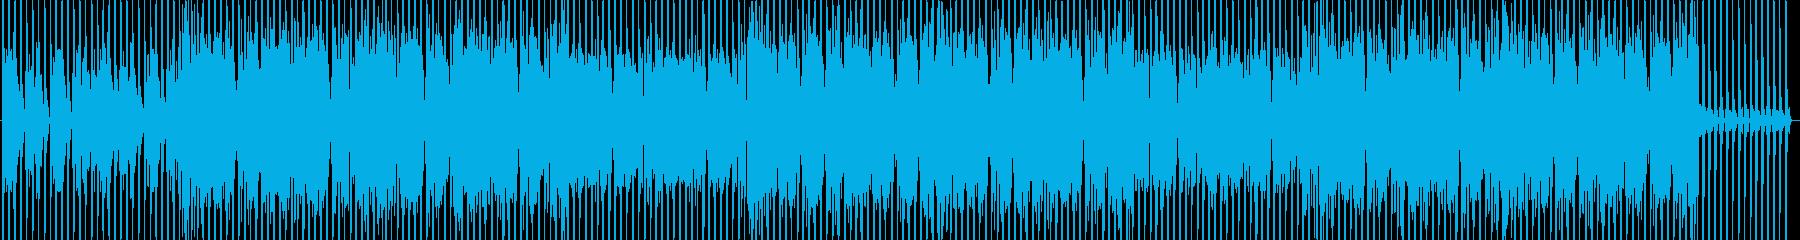 ピアノリフが軽快なディスコポップの再生済みの波形